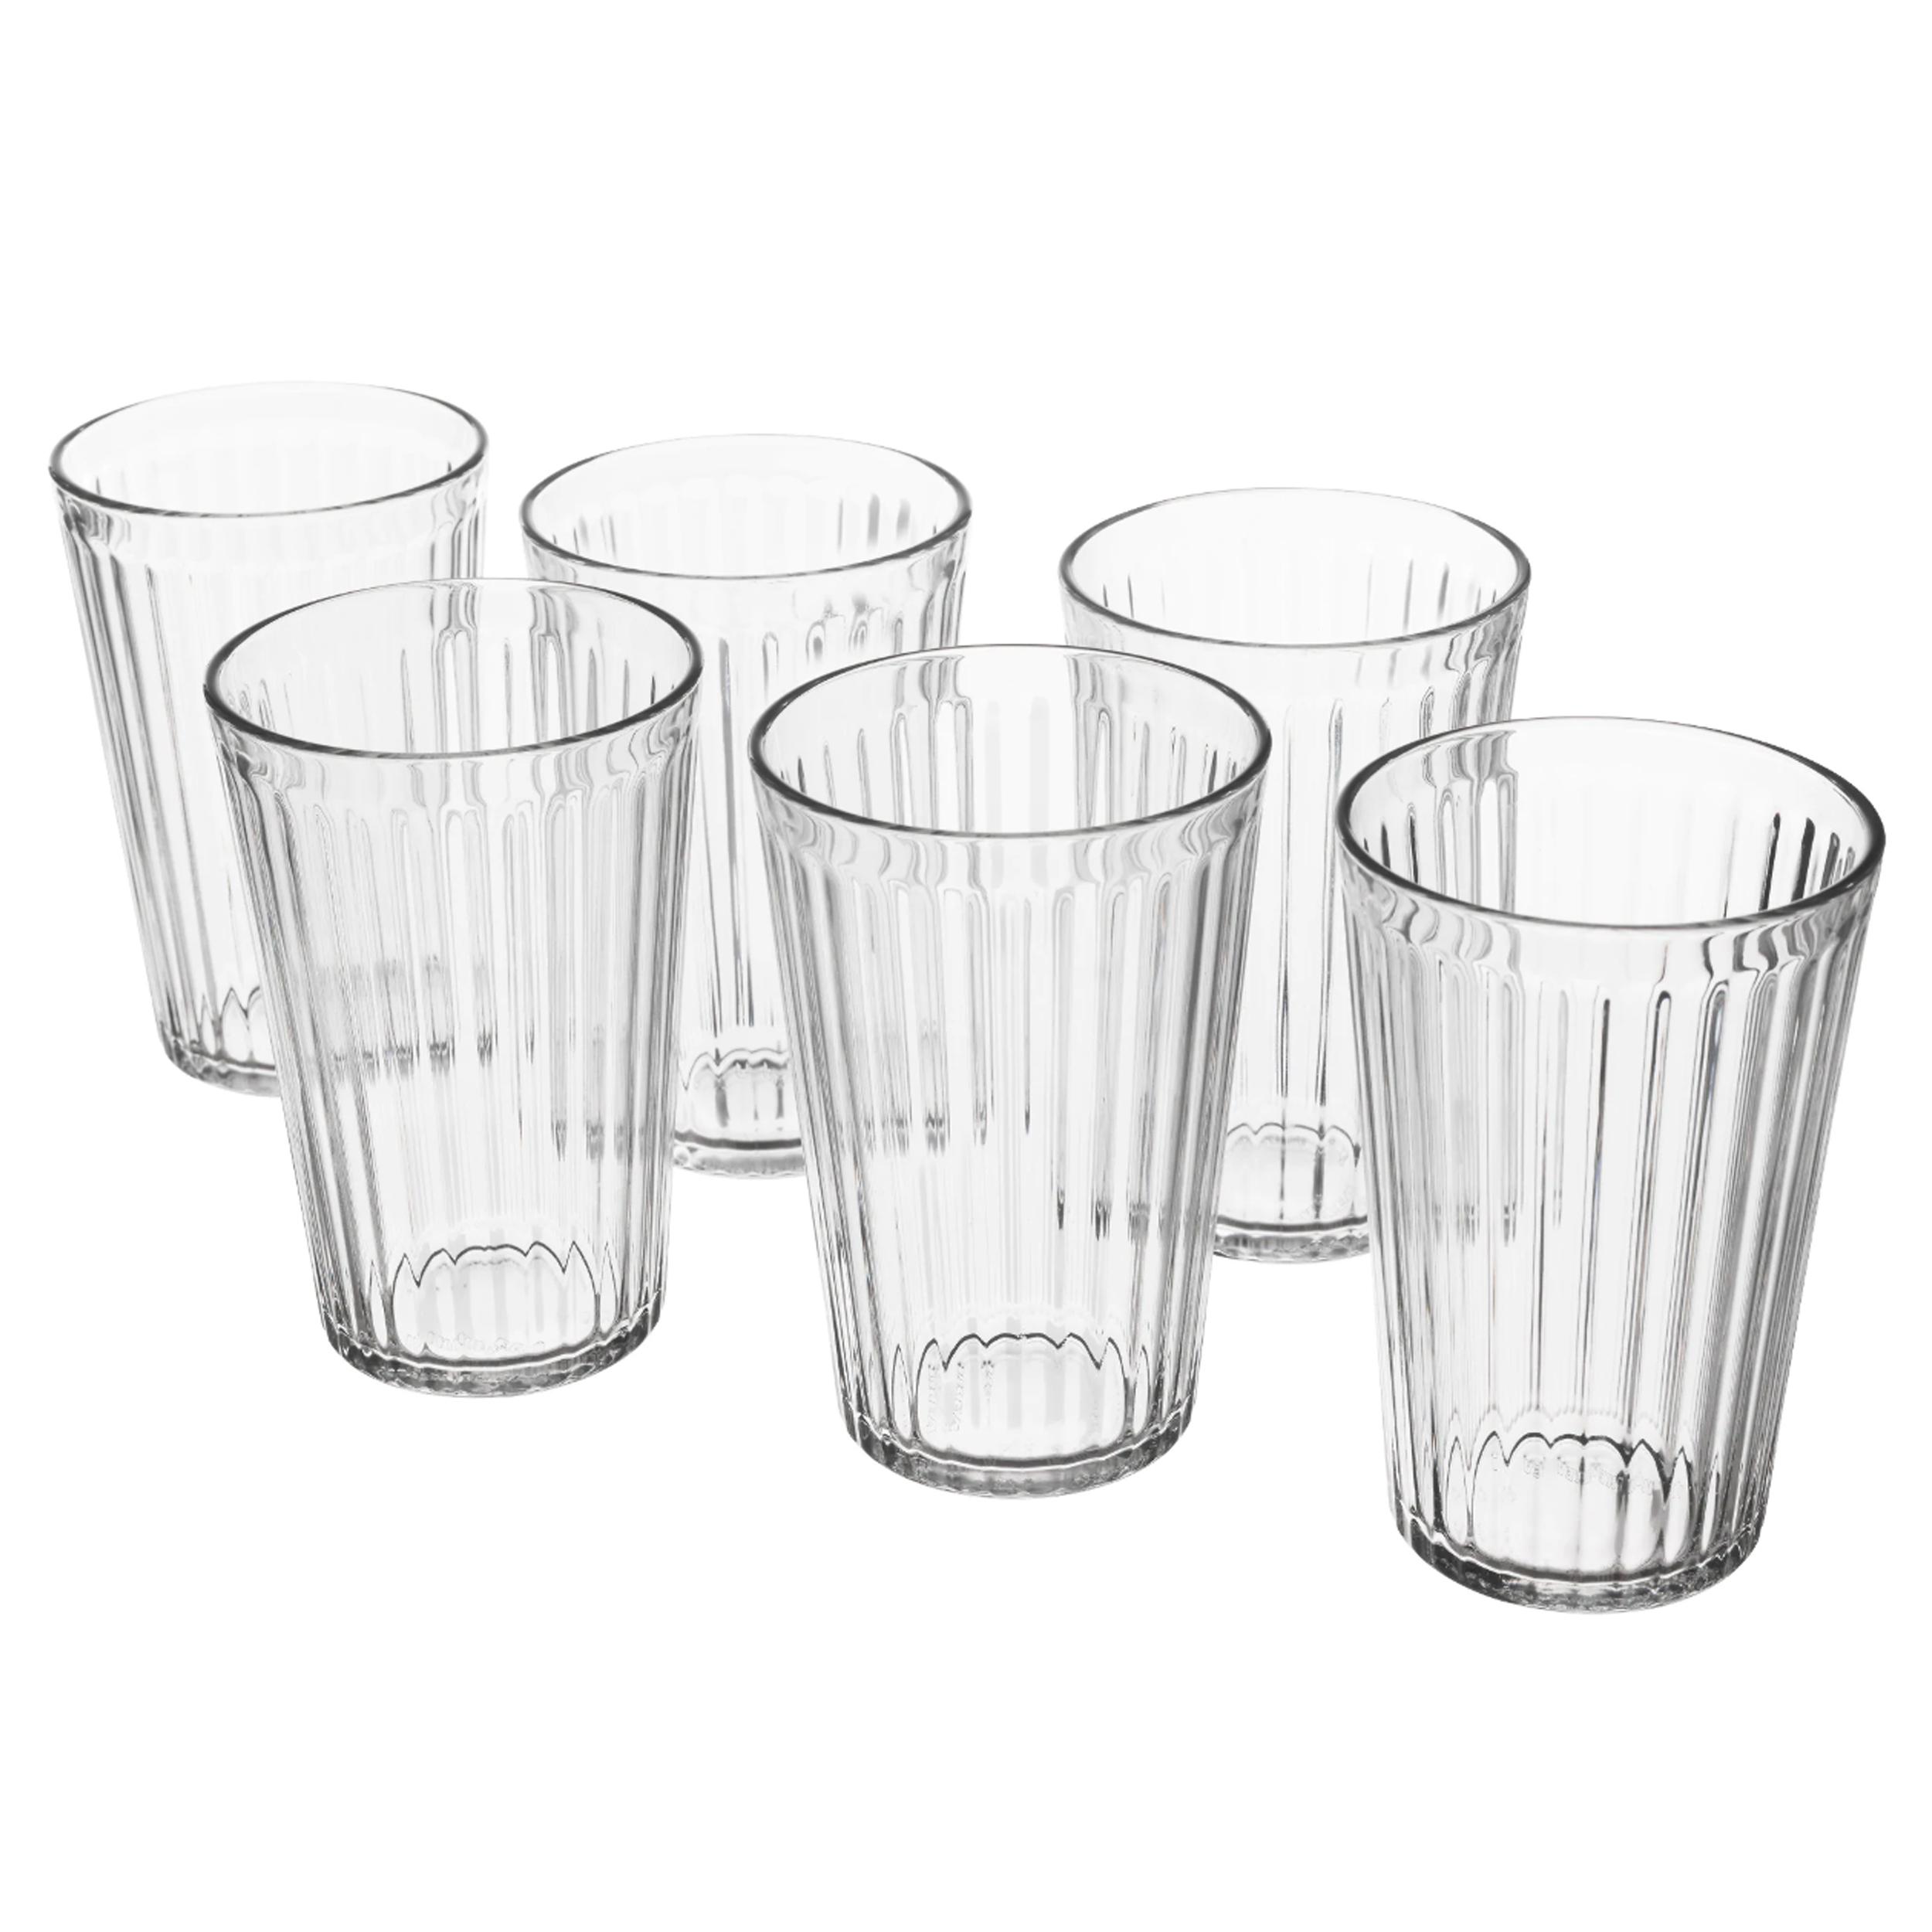 لیوان نوشیدنی کریستال ایکیا مدل VARDAGEN  بسته 6 عددی